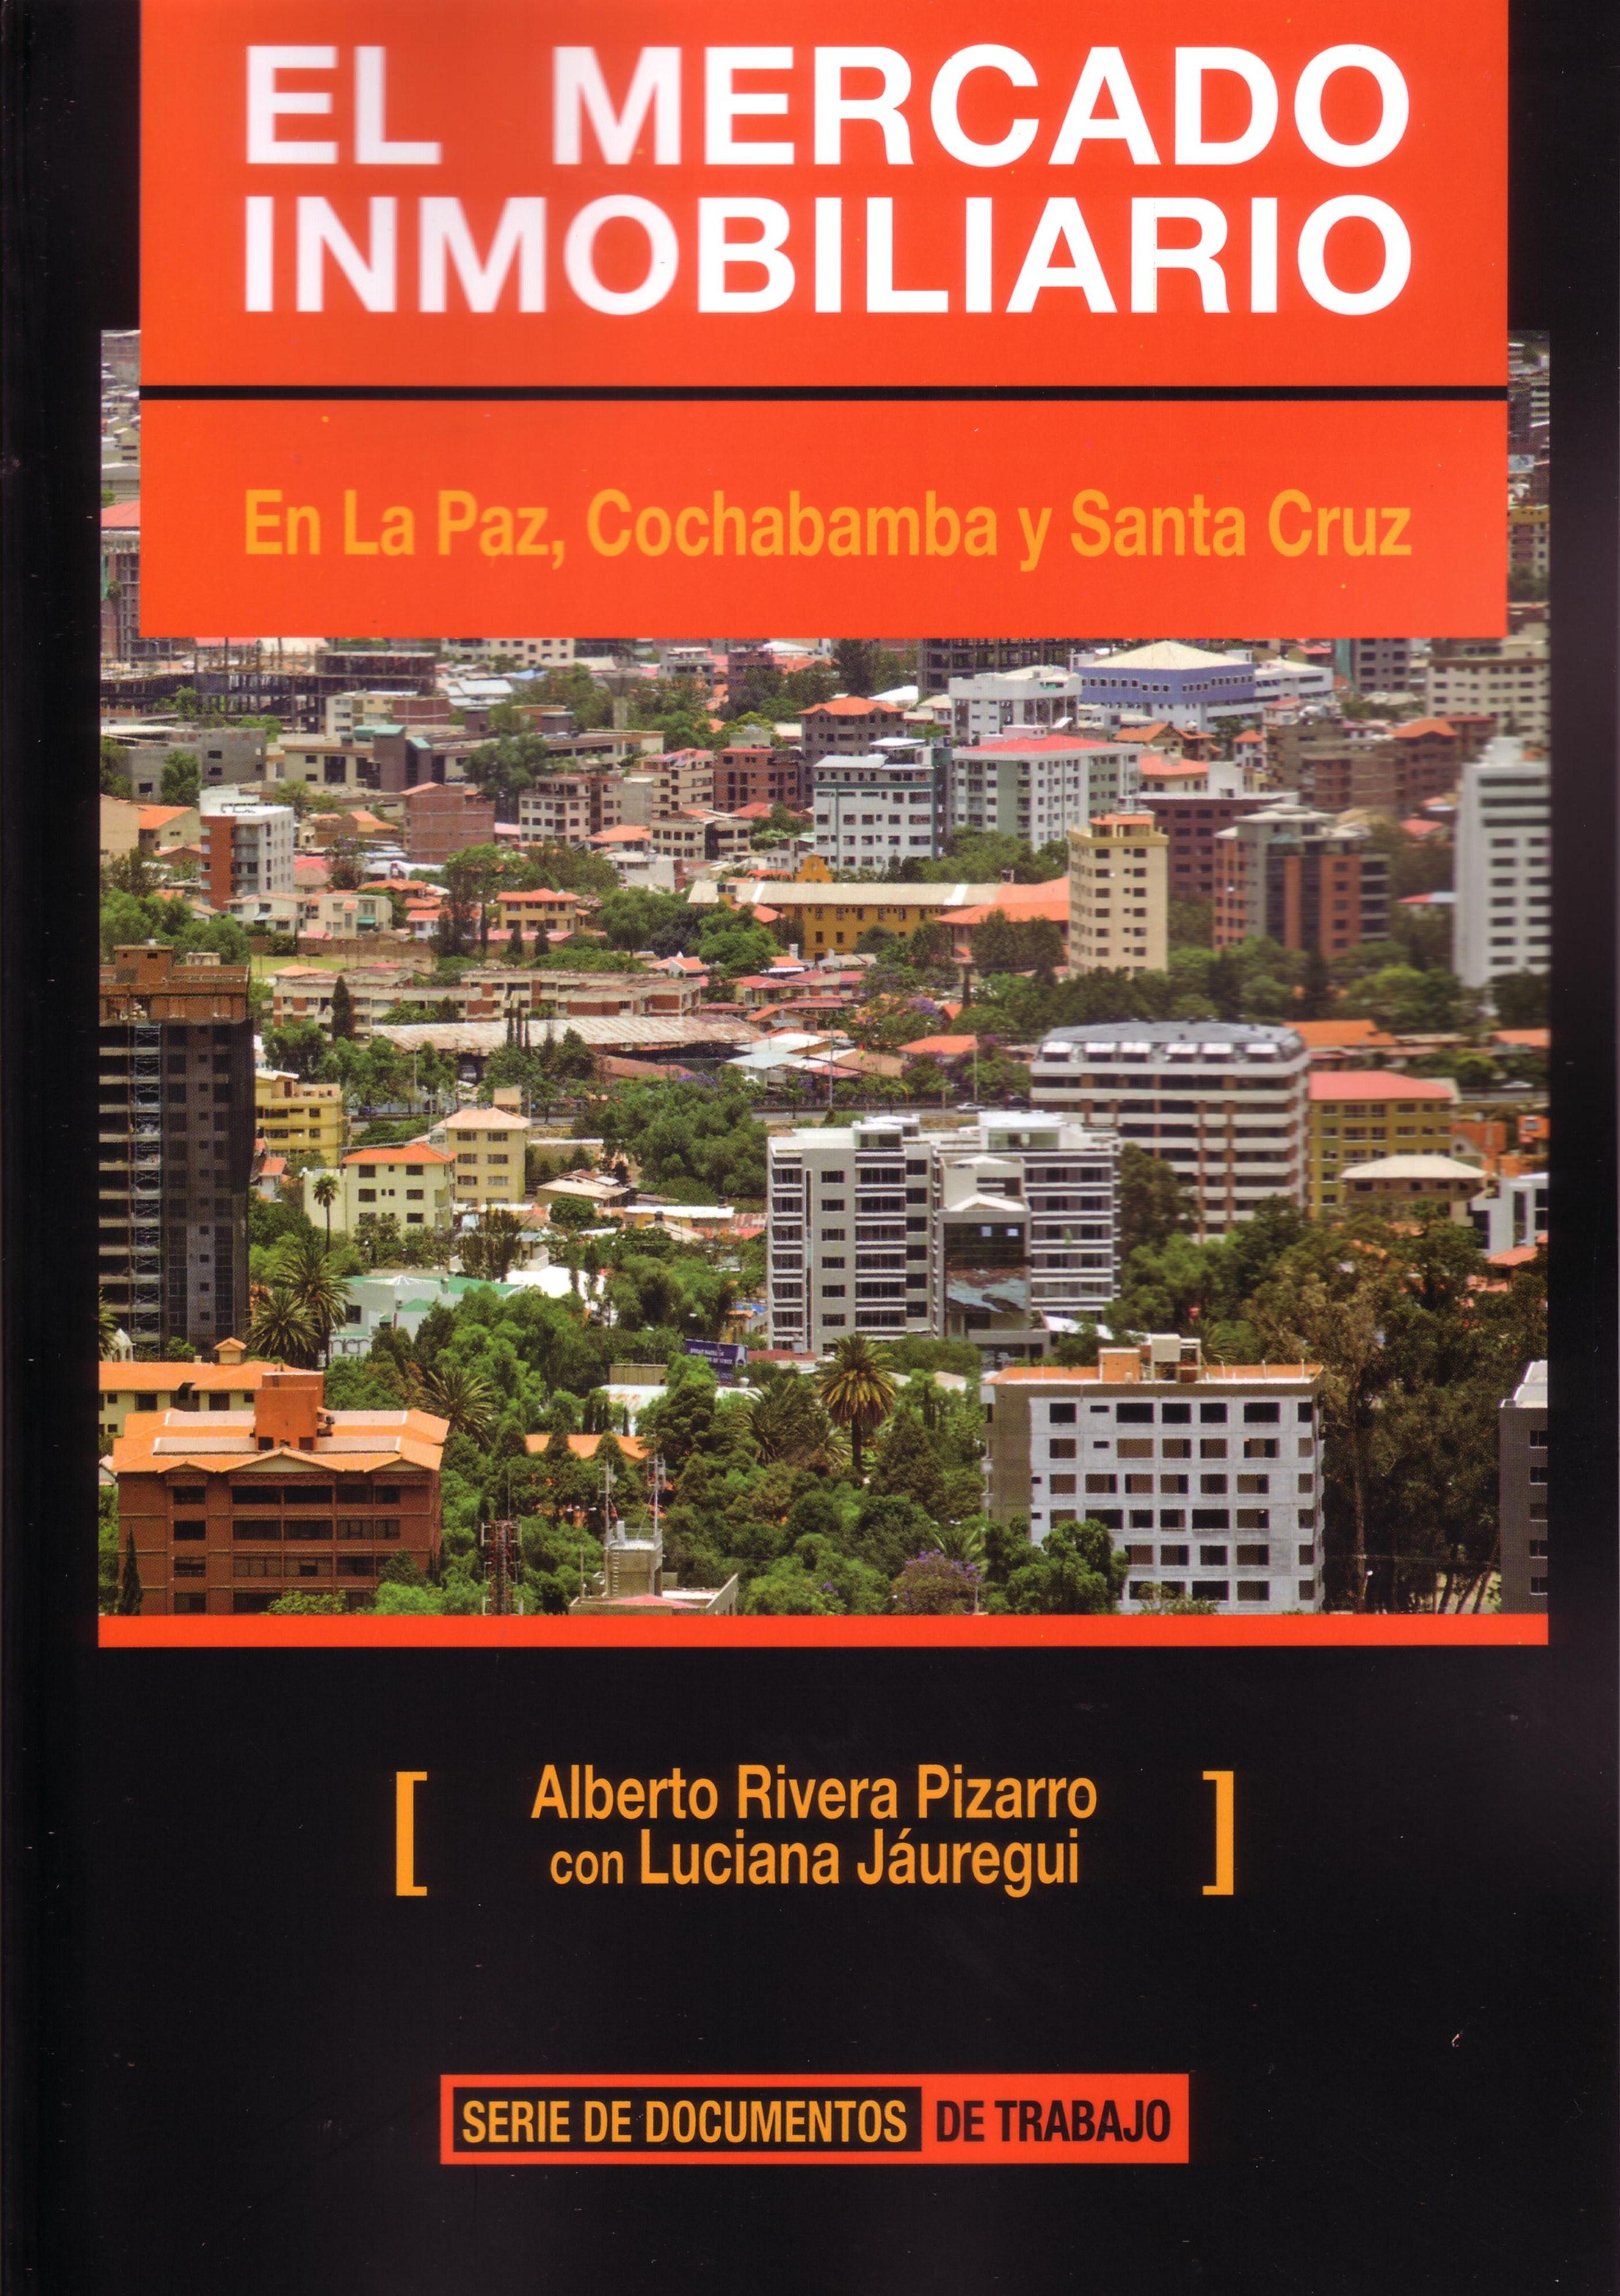 El Mercado Inmobiliario en La Paz, Cochabamba y Santa Cruz